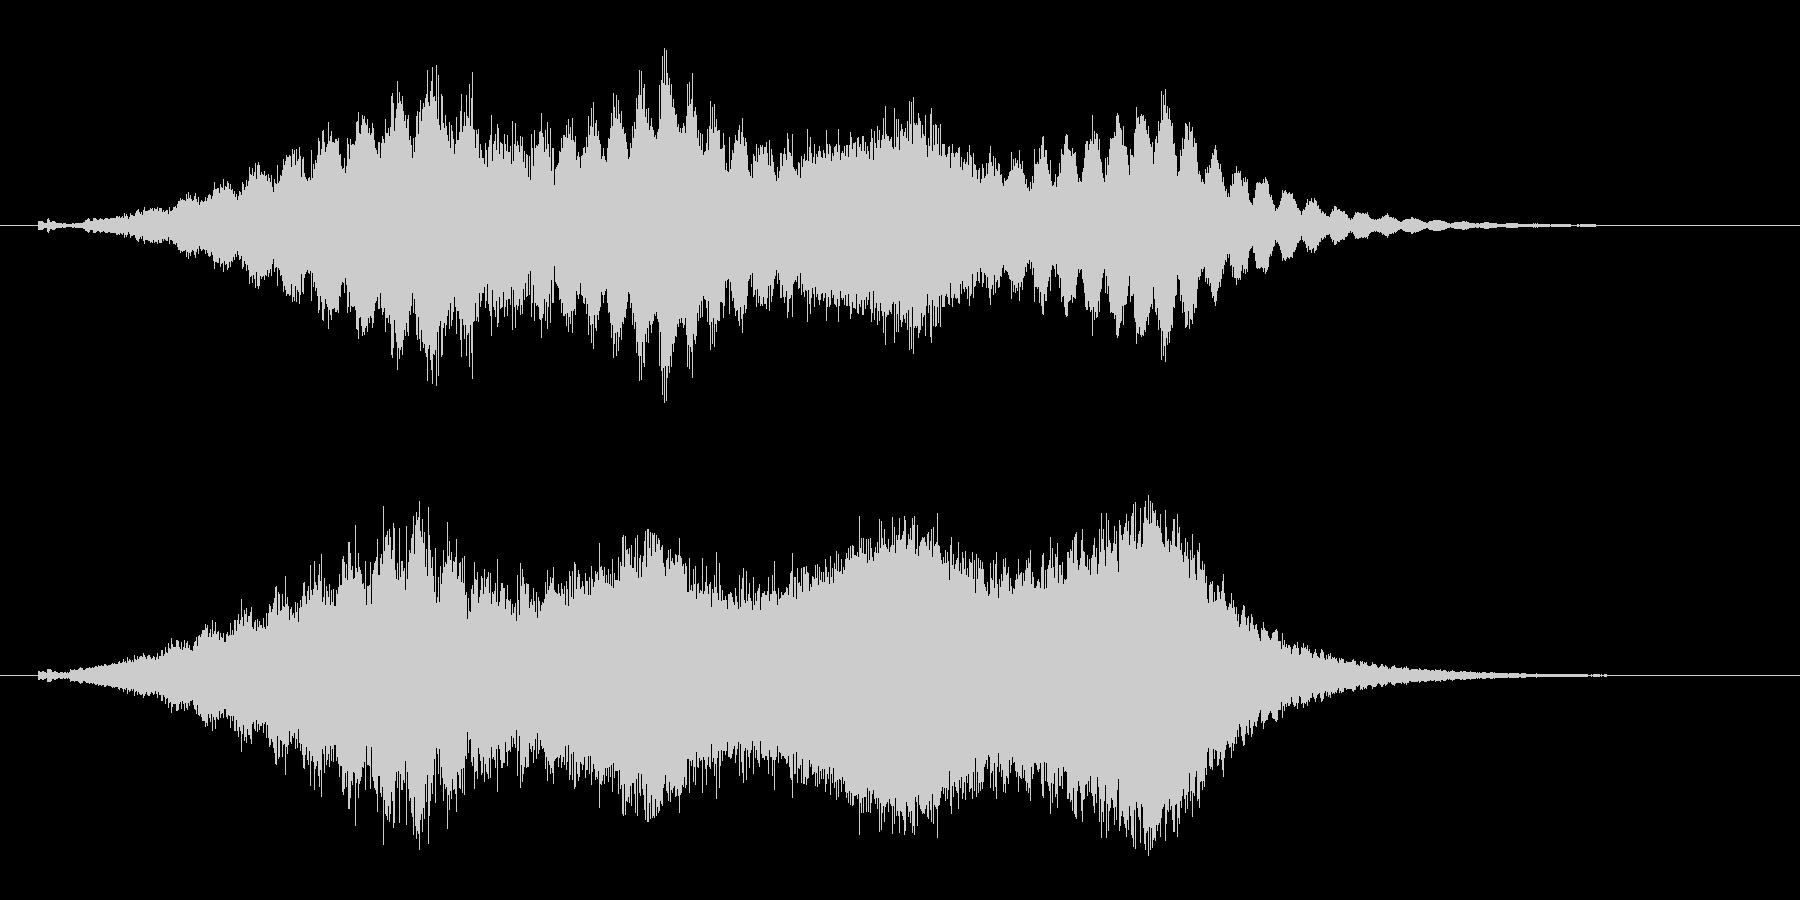 占う 水晶を覗く効果音 タロットカード の未再生の波形